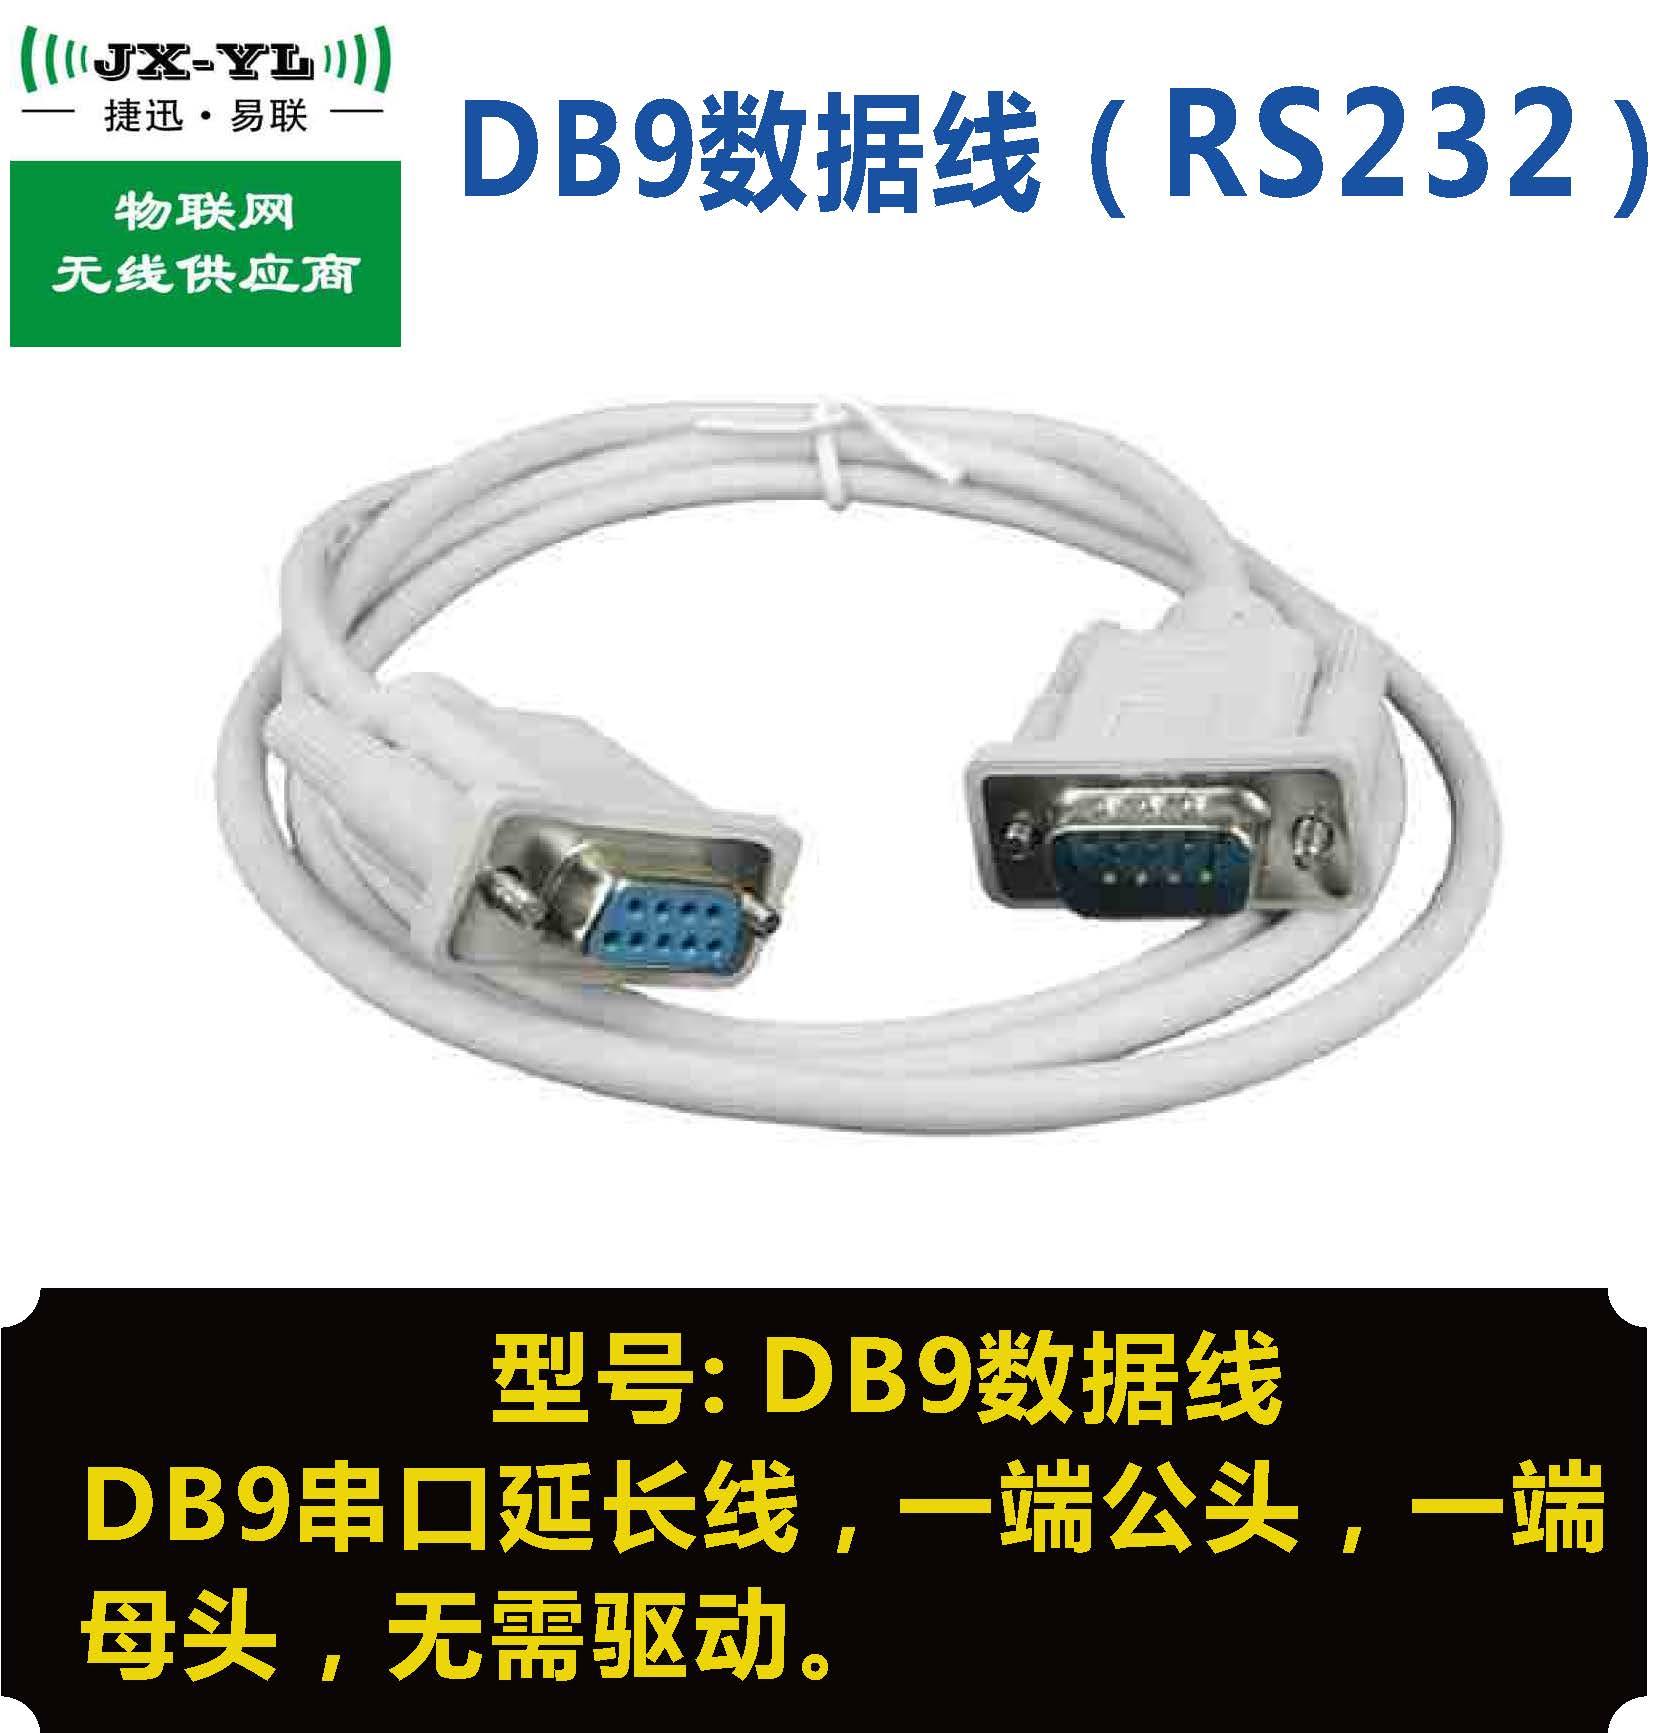 无线数传模块配件数据线DB9接头RS232电脑与单片机通讯专用